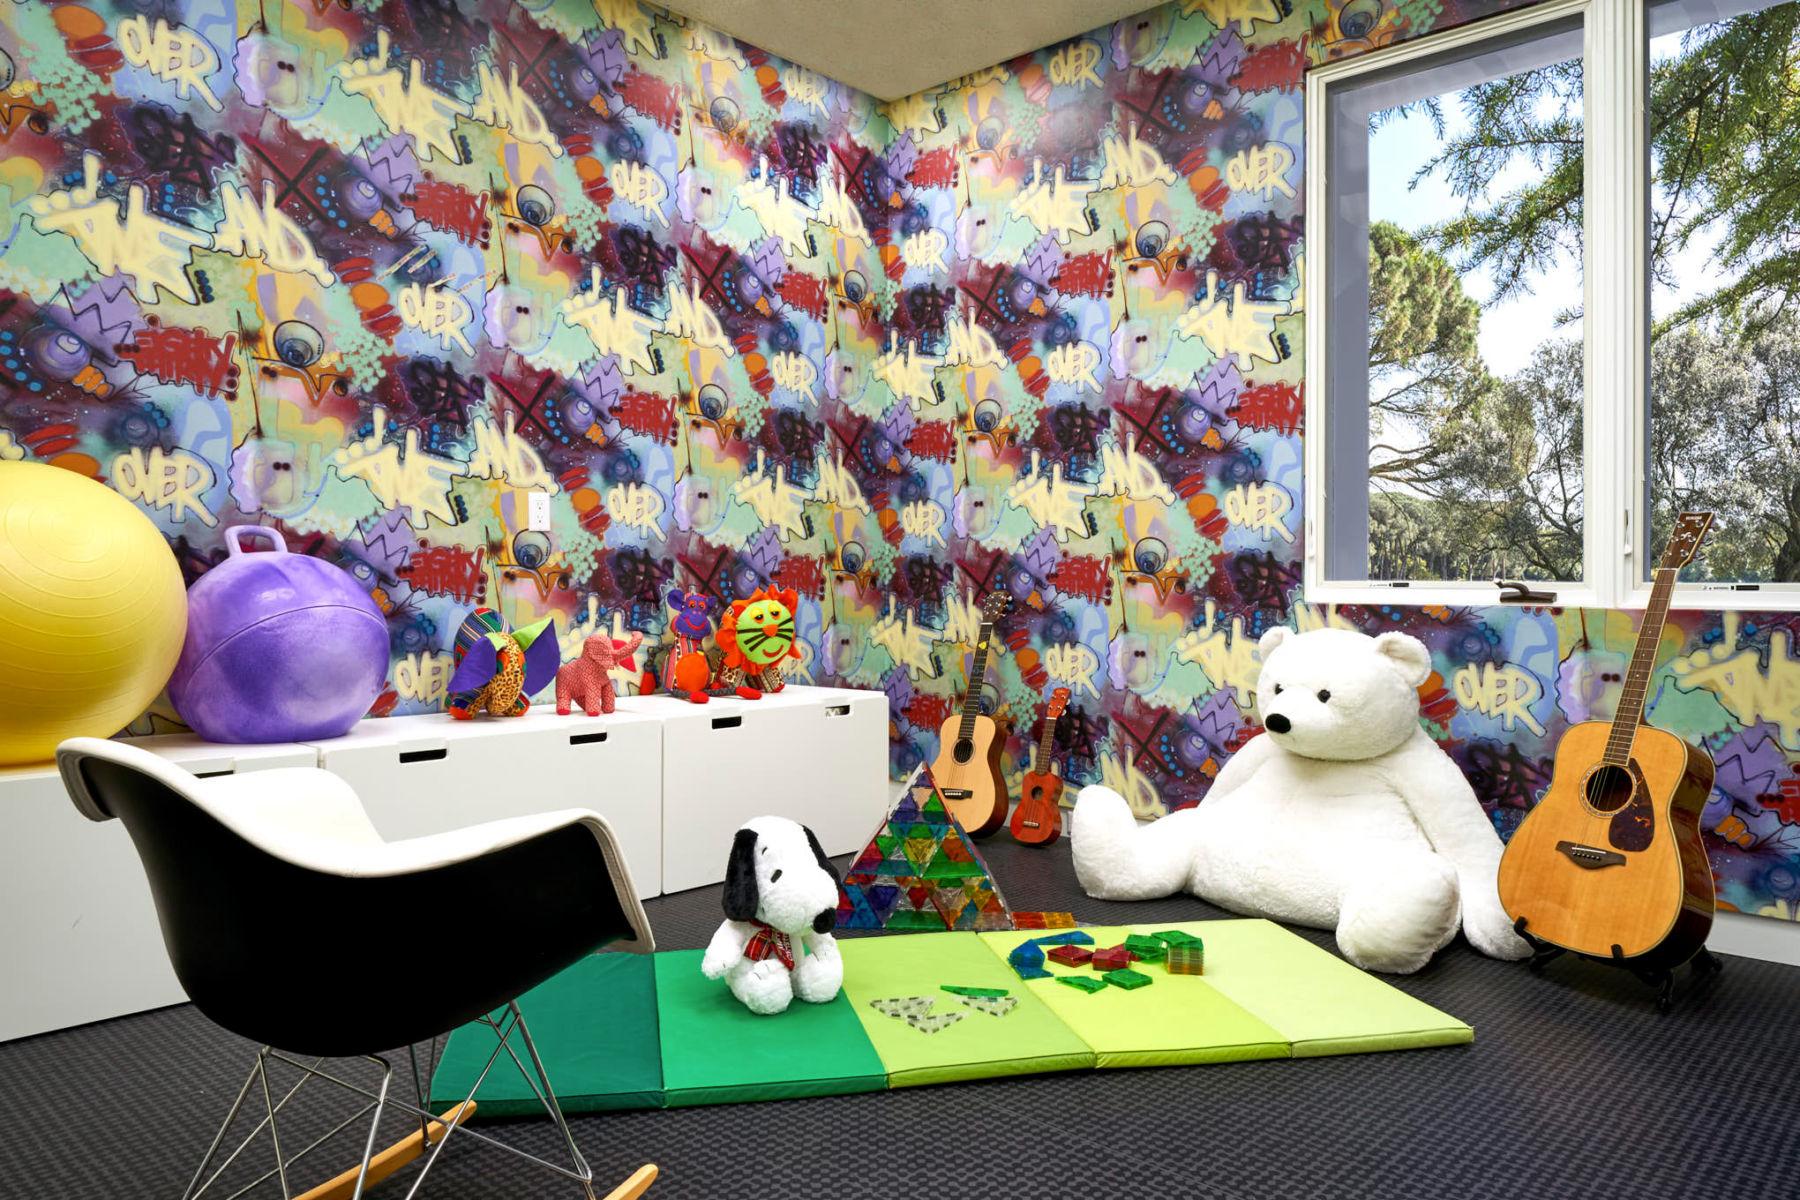 La Jolla Playroom